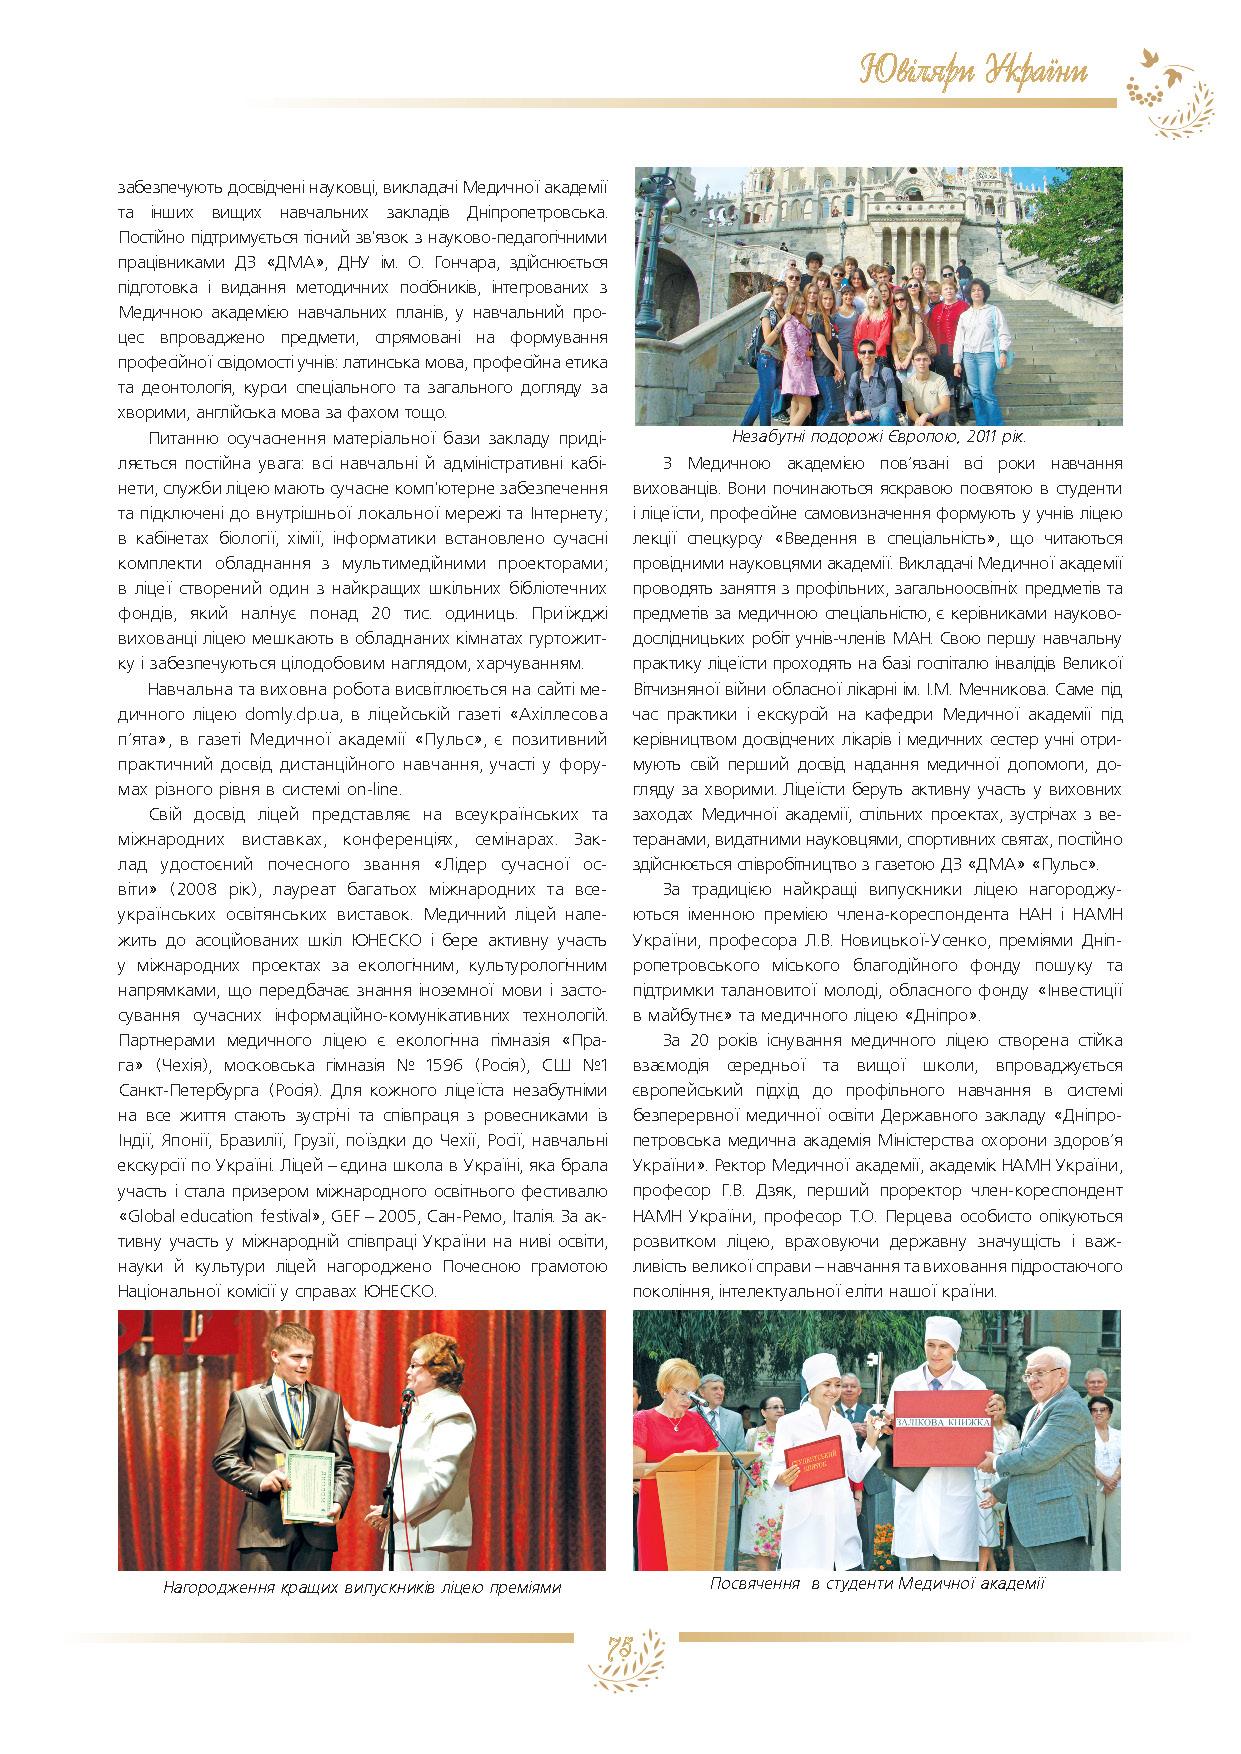 Дніпропетровський обласний медичний ліцей-інтернат